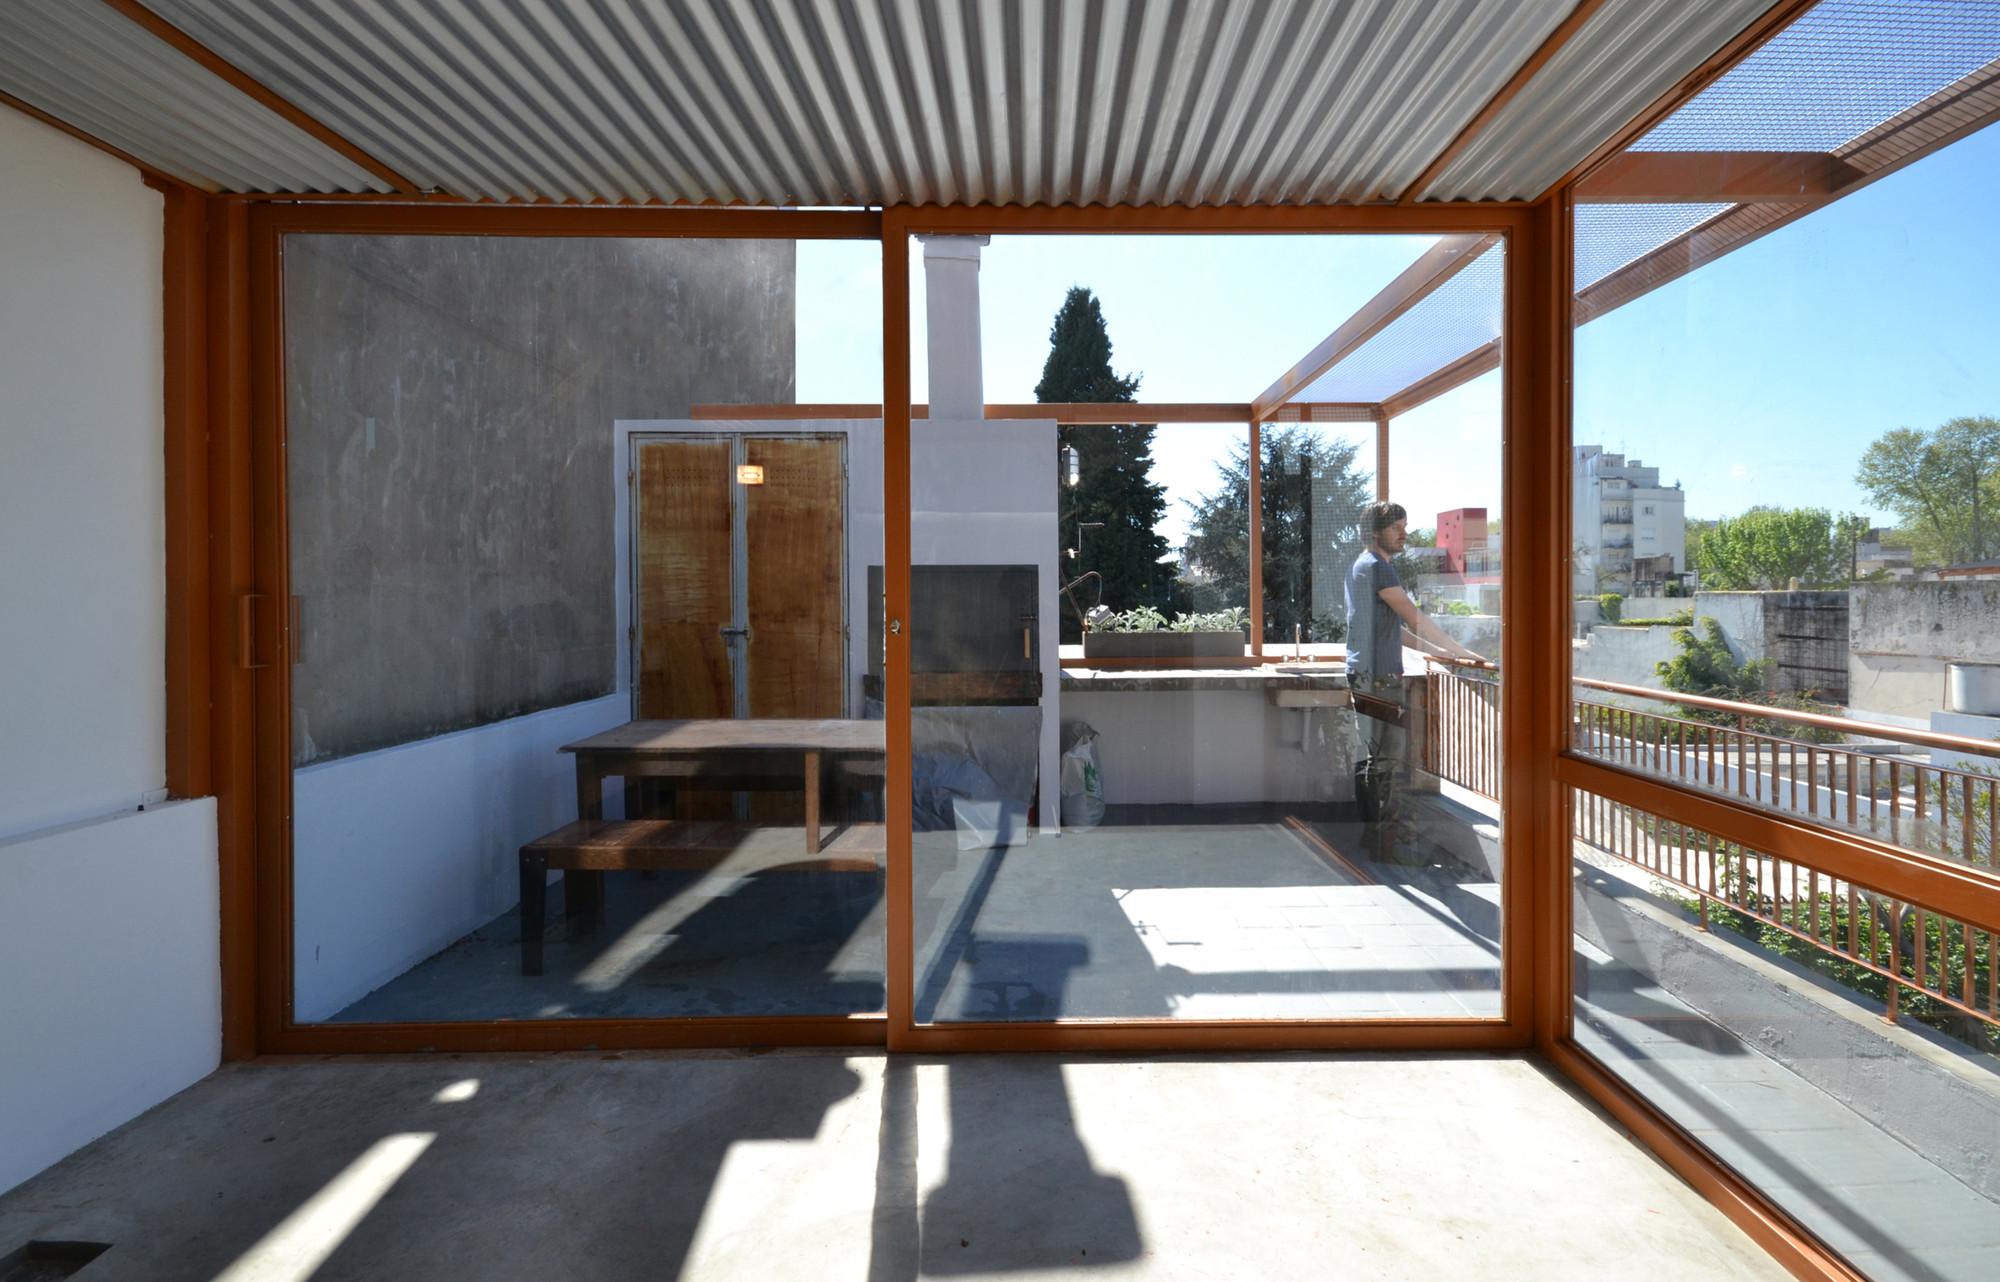 Um terraço para Maria / AToT- Arquitectos Todo Terreno, Cortesia de AToT- Arquitectos Todo Terreno